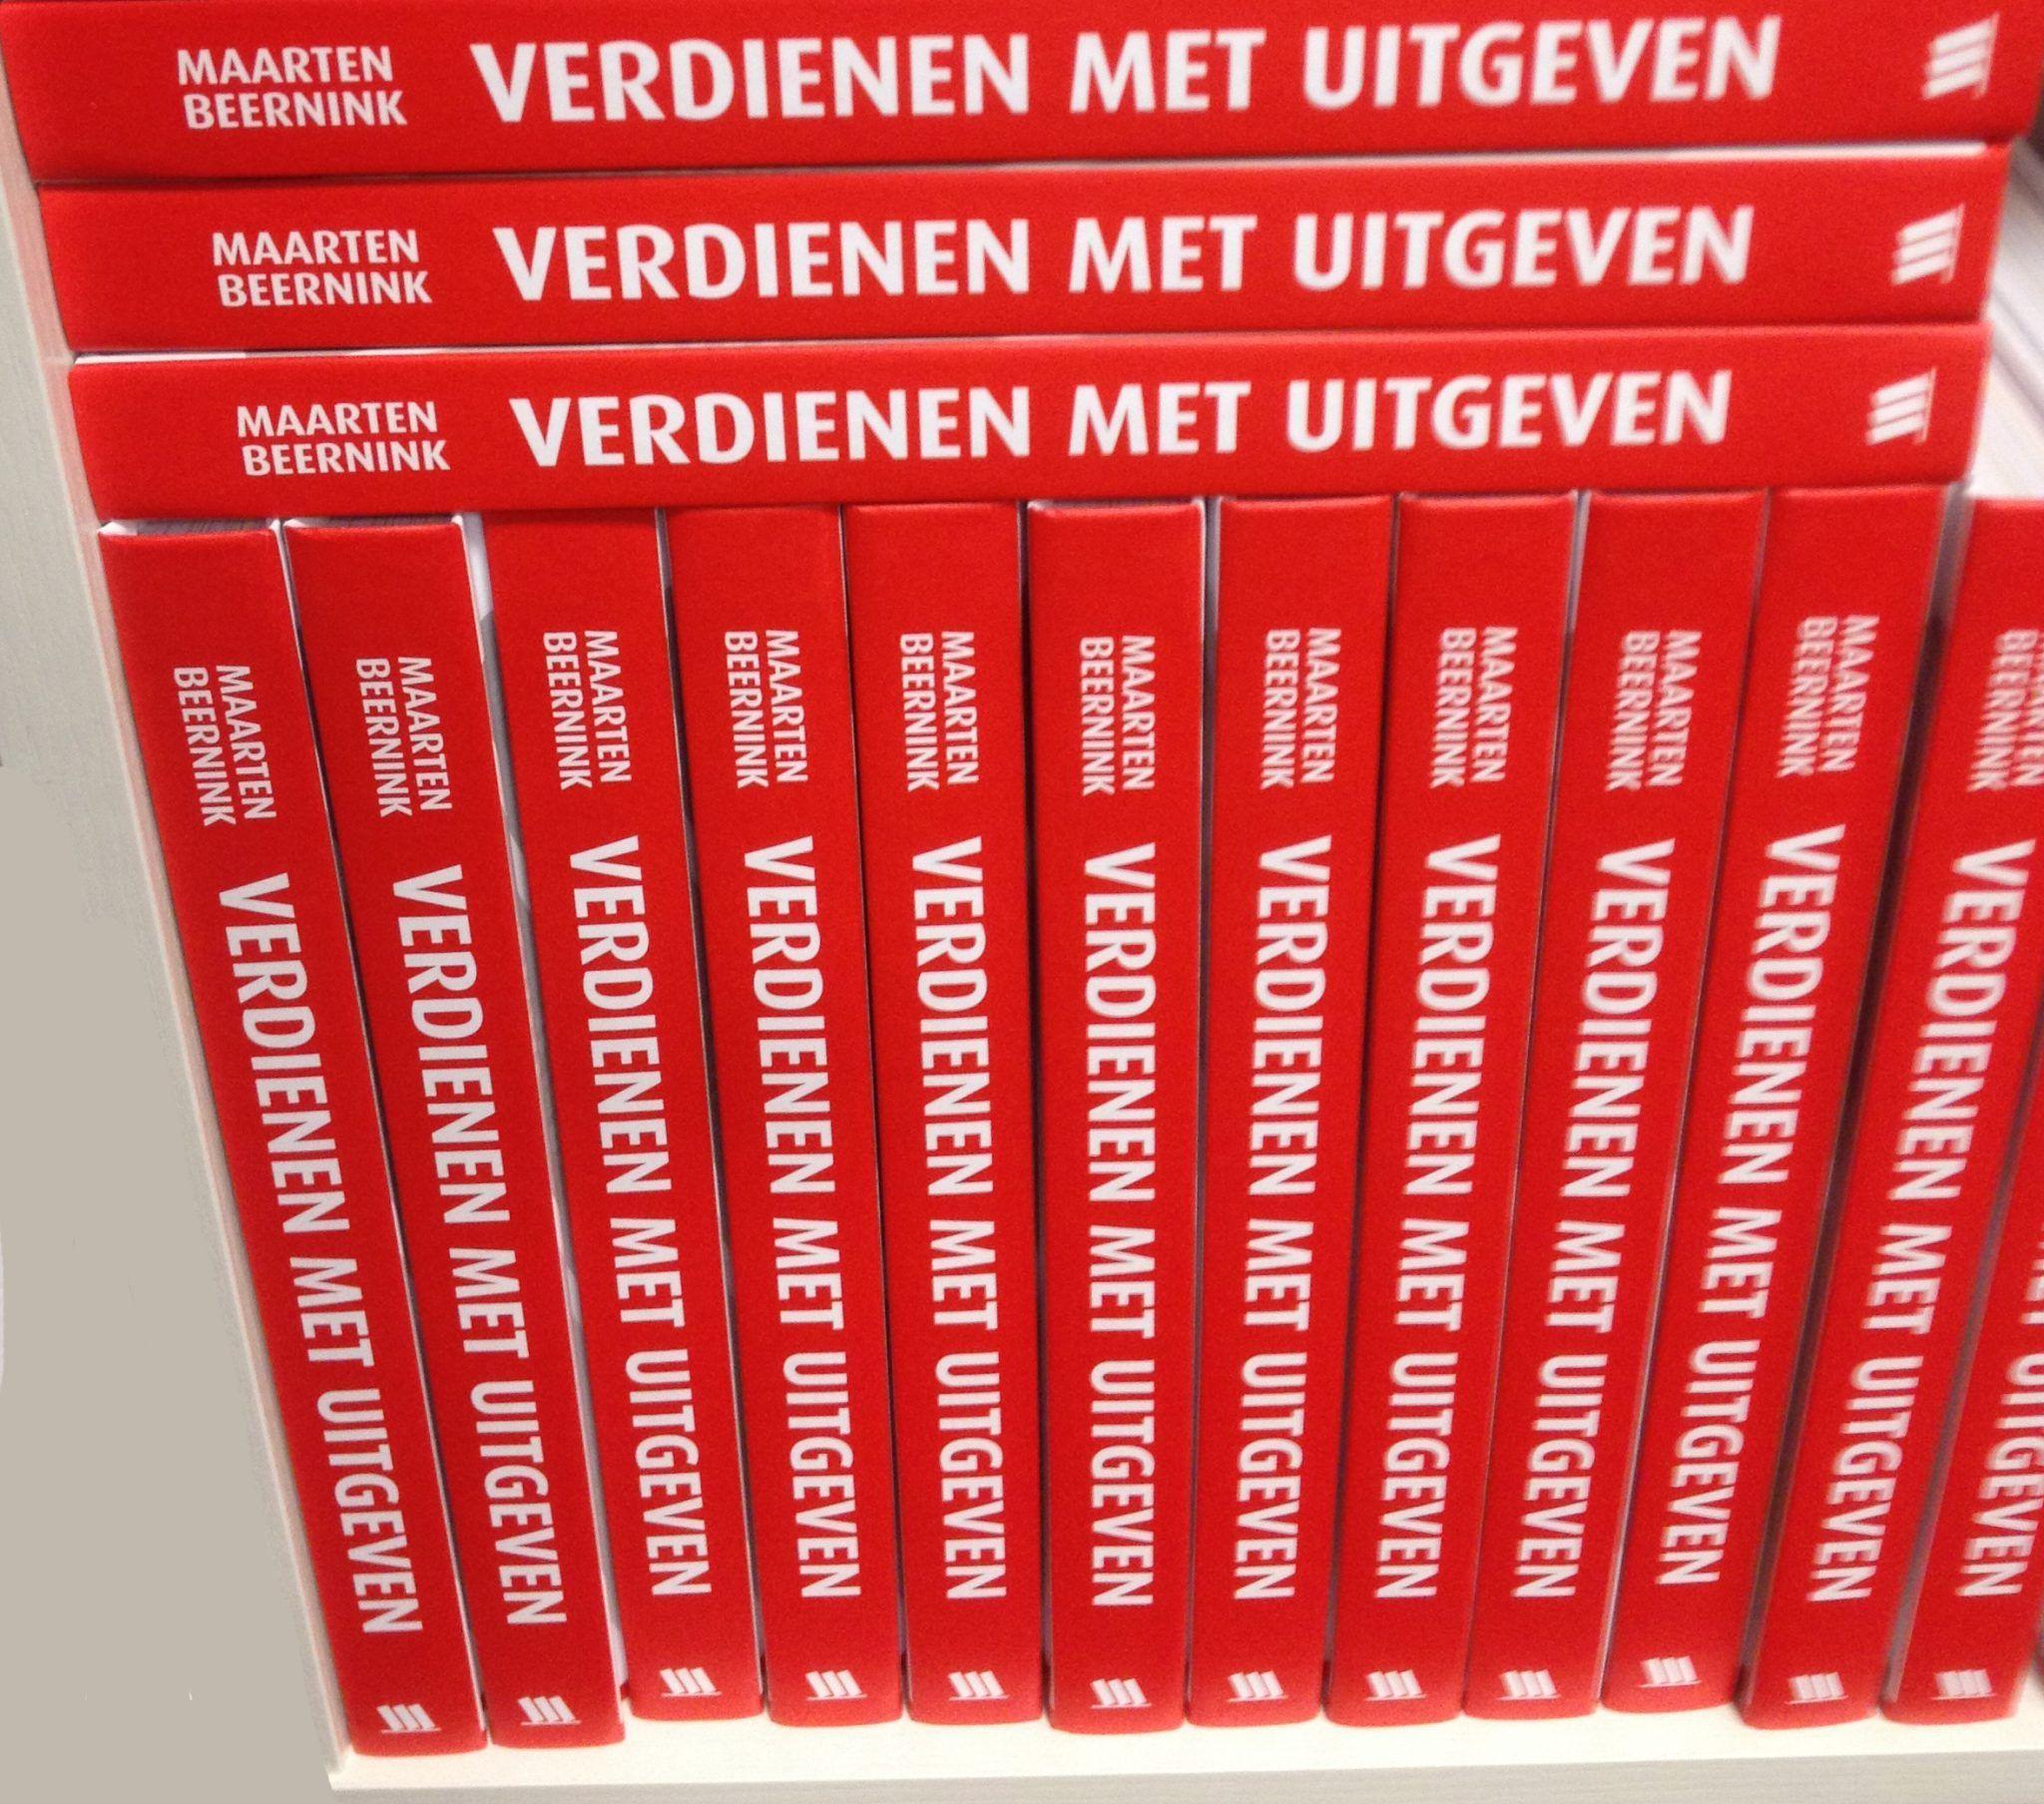 boeken-verdienen-met-uitgeven-boek-maarten-beernink